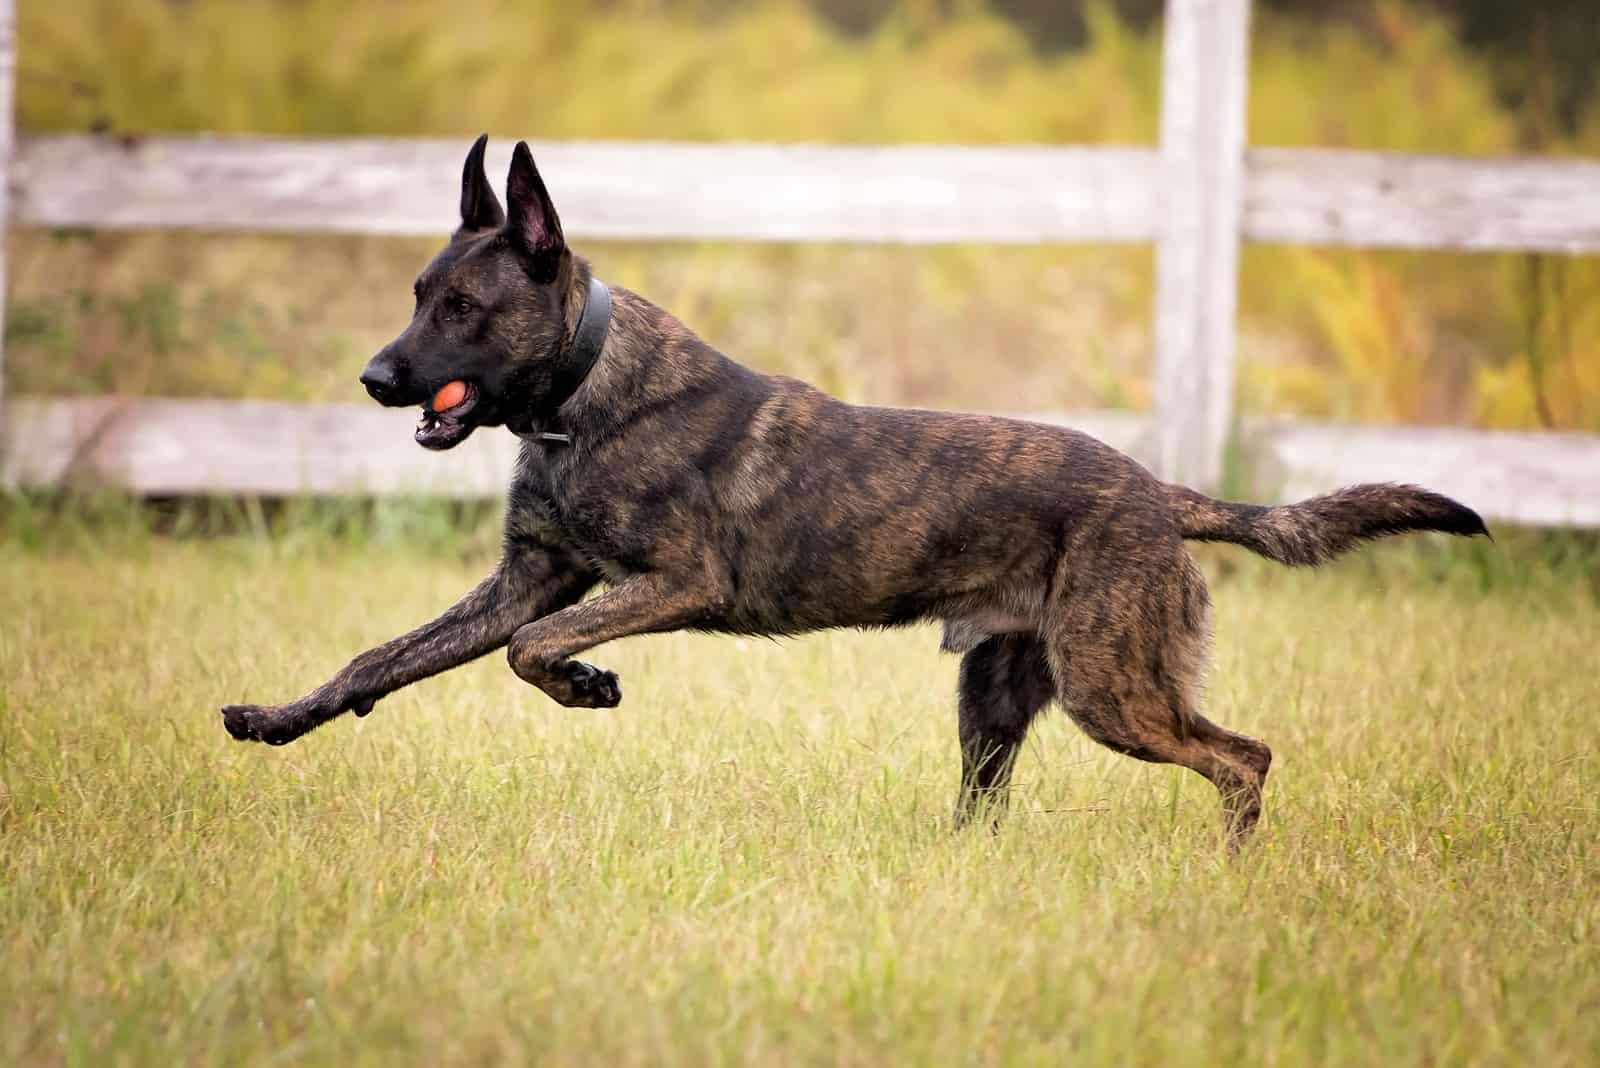 Dutch Shepherd running with a ball